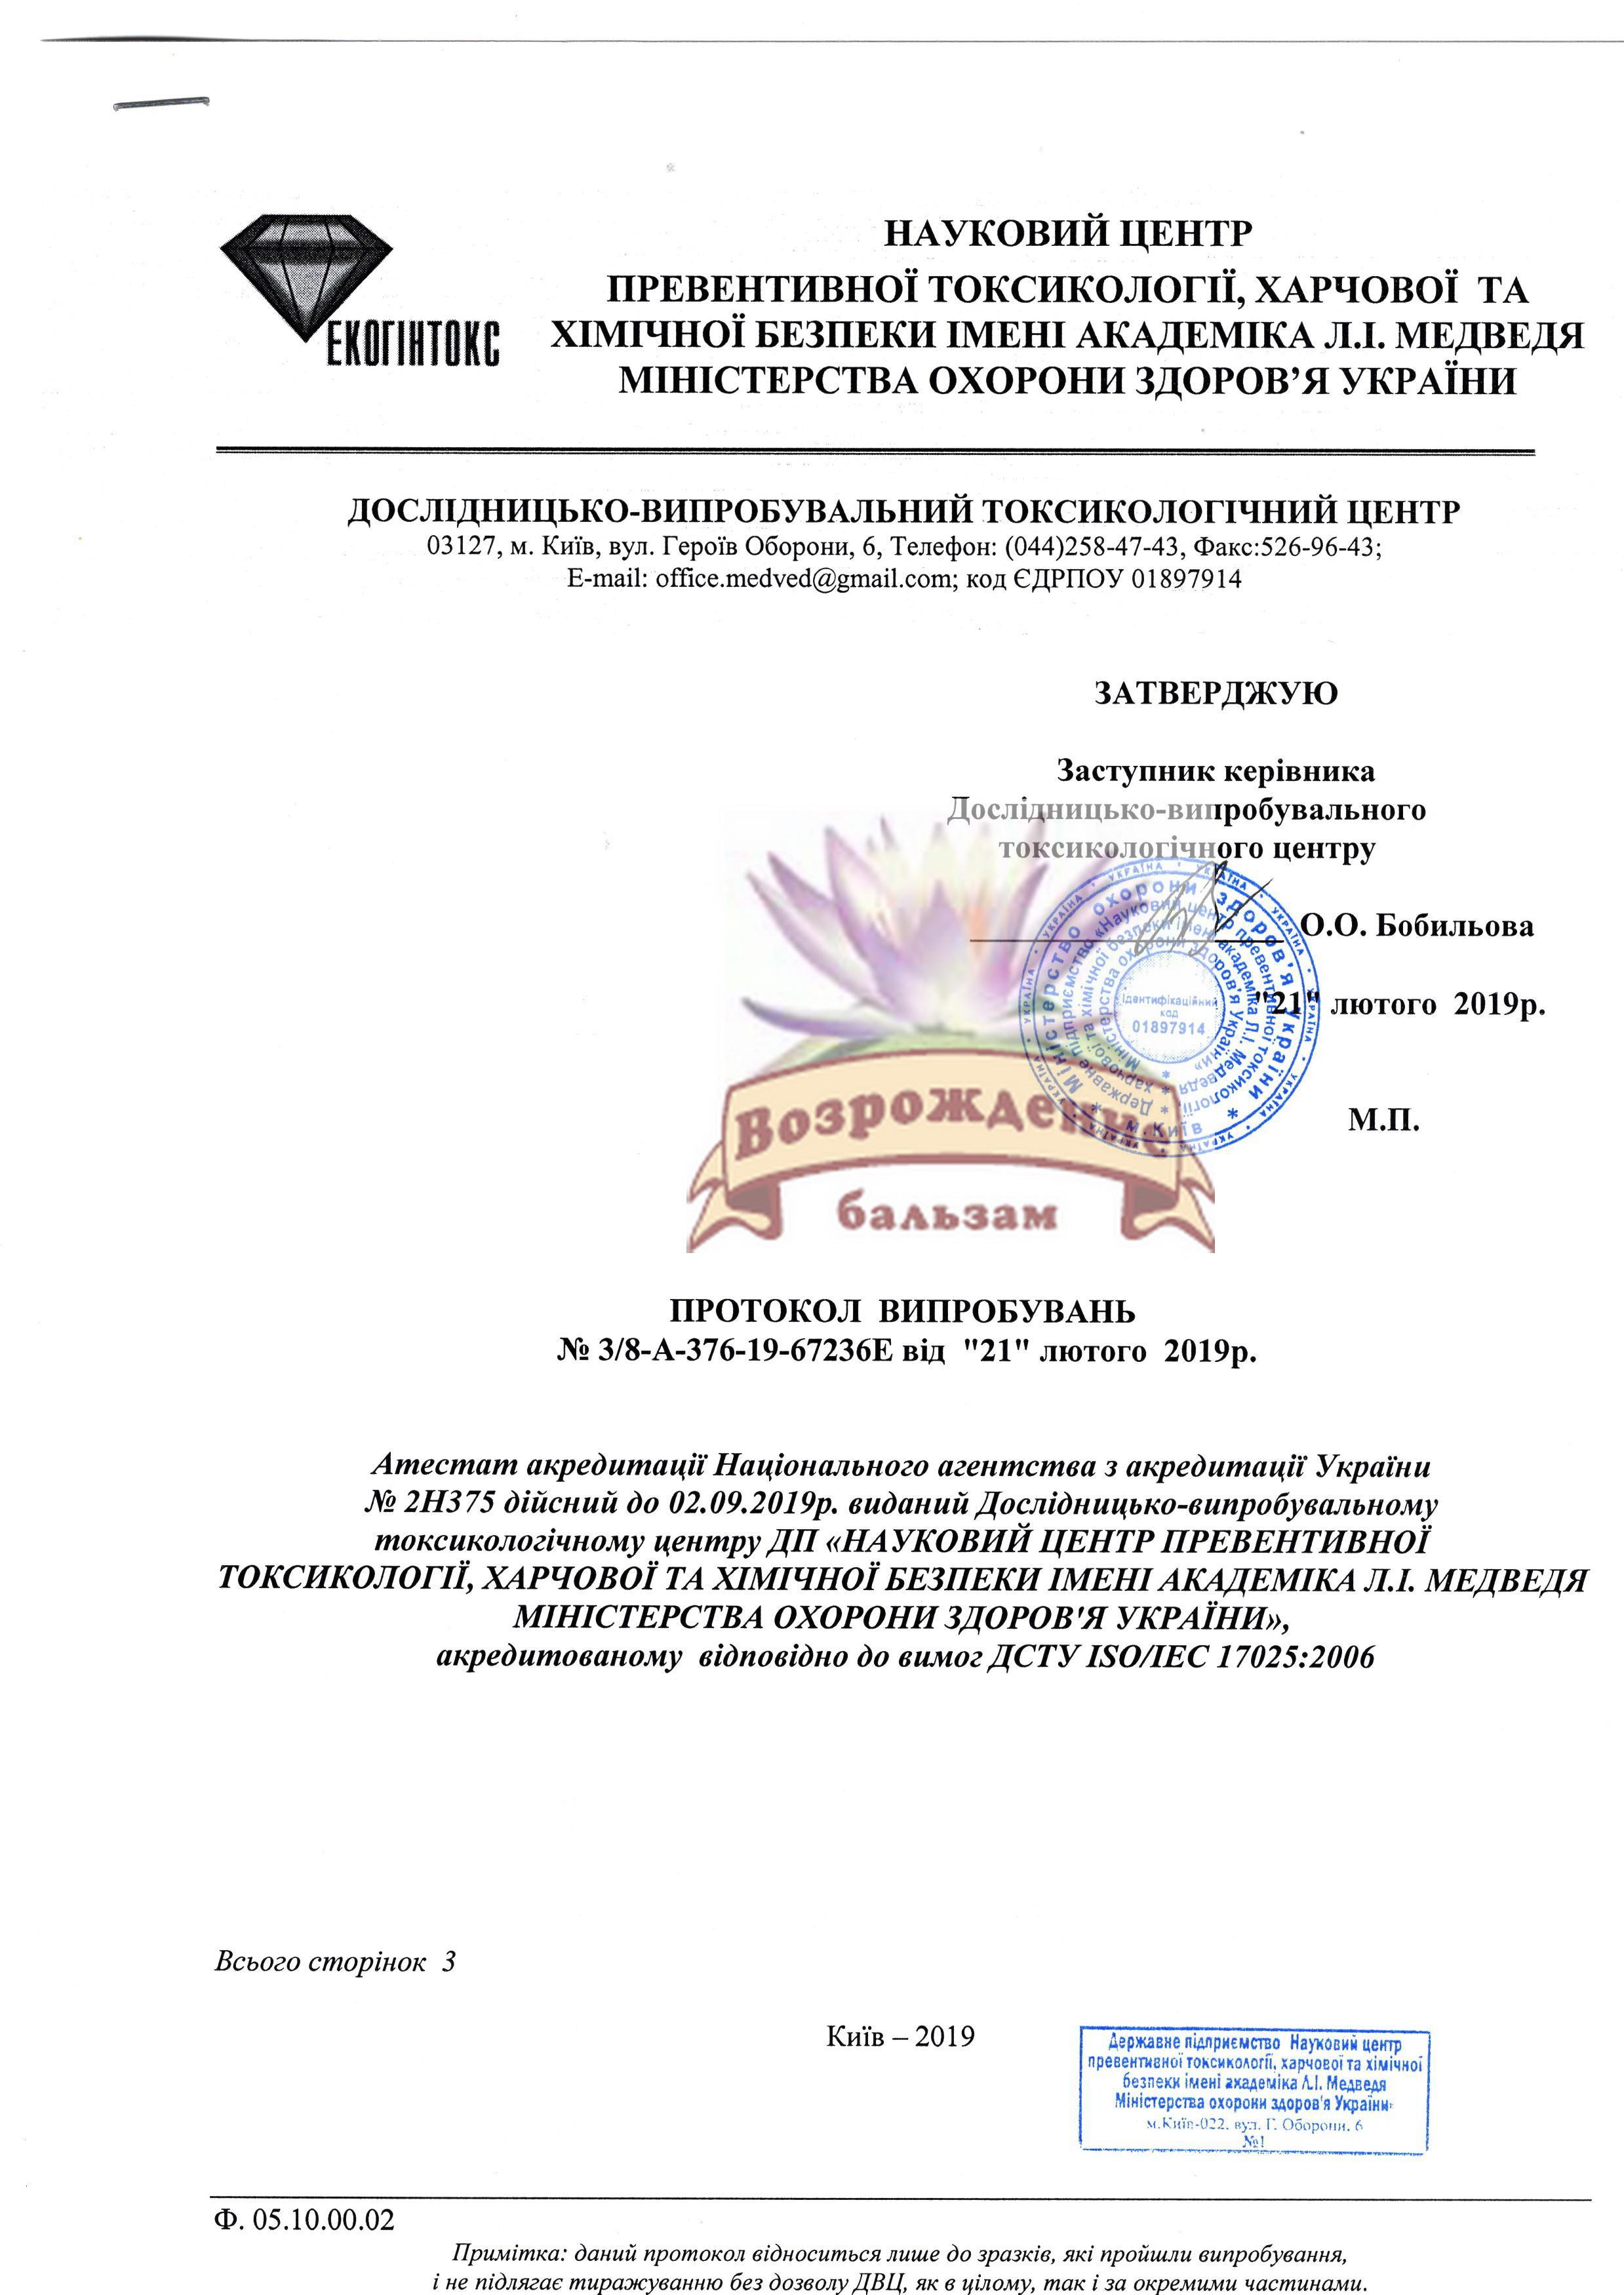 Prostatitis Poltava Szóda a prosztatitis kezelésében